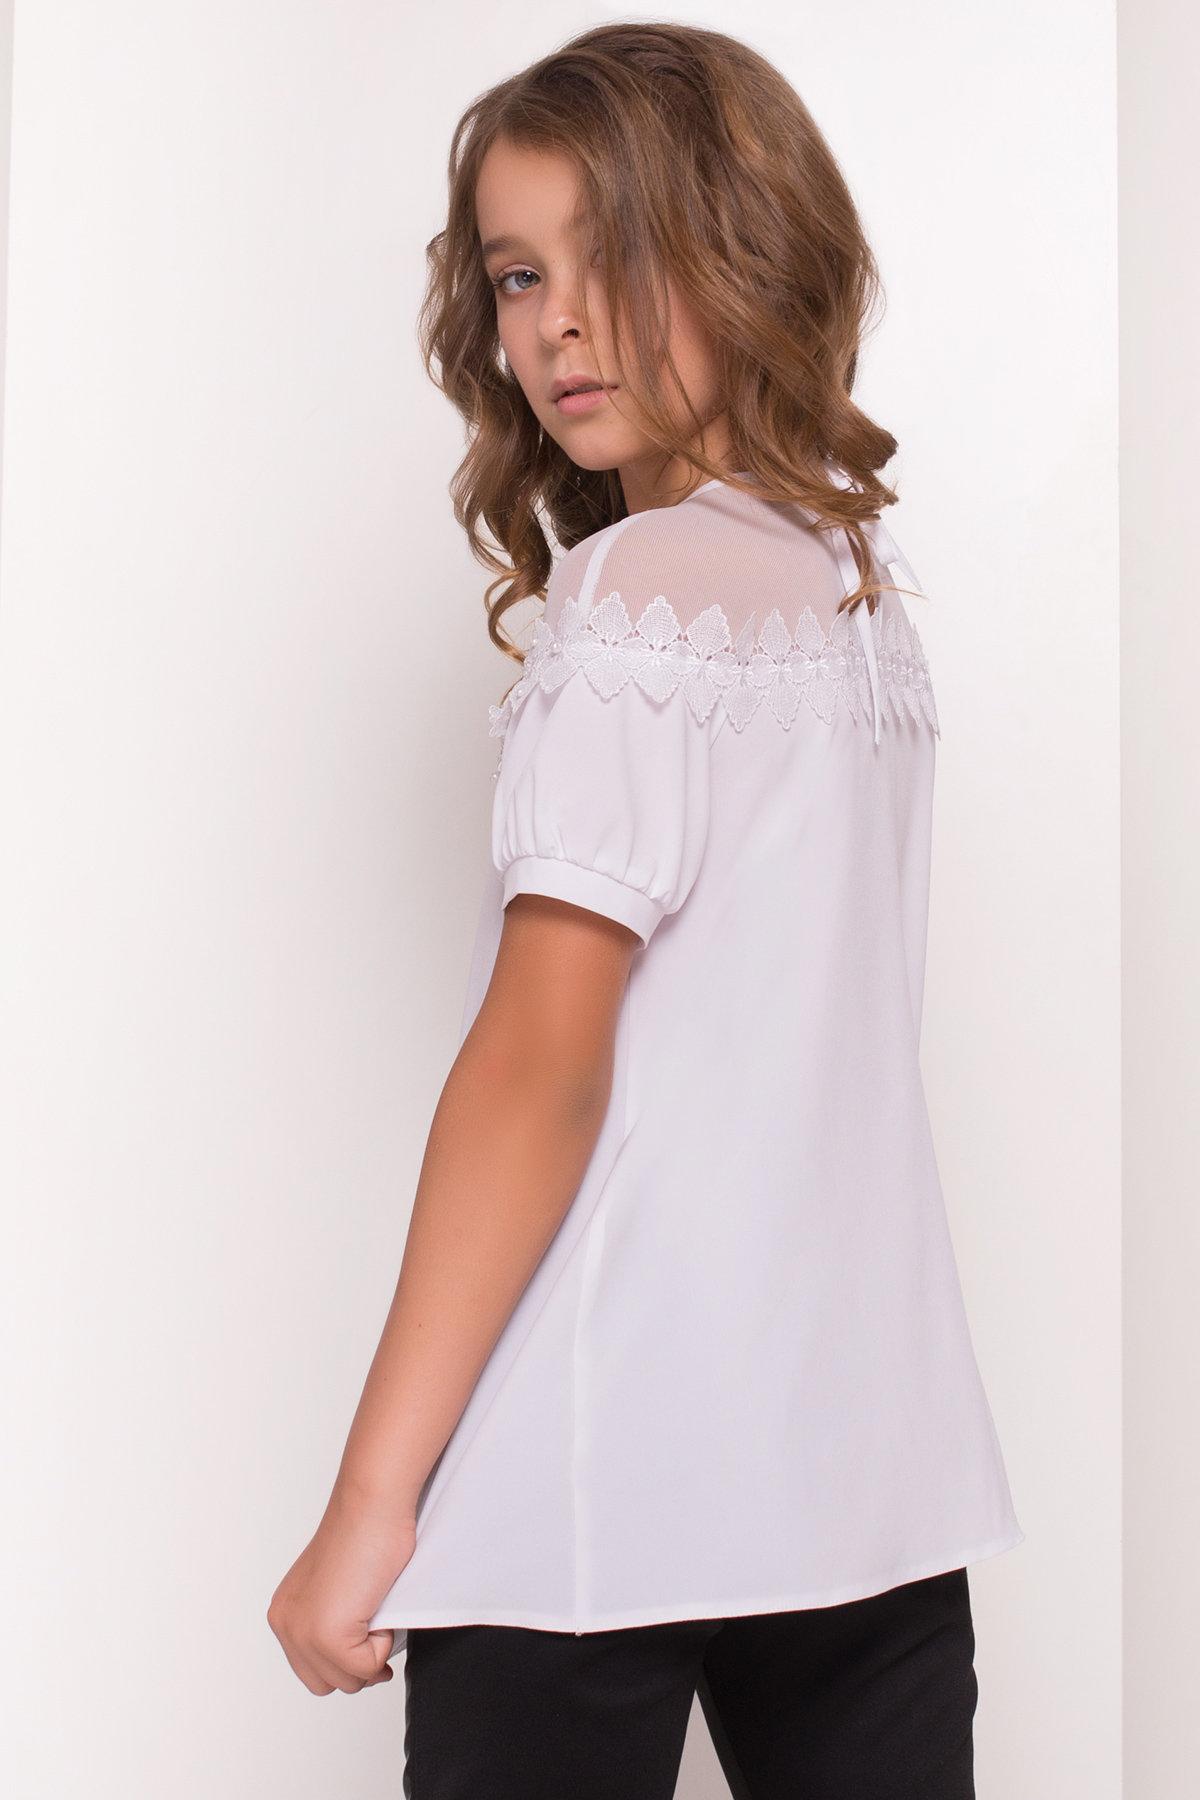 Блуза детская Герда 5197 АРТ. 36284 Цвет: Белый - фото 5, интернет магазин tm-modus.ru